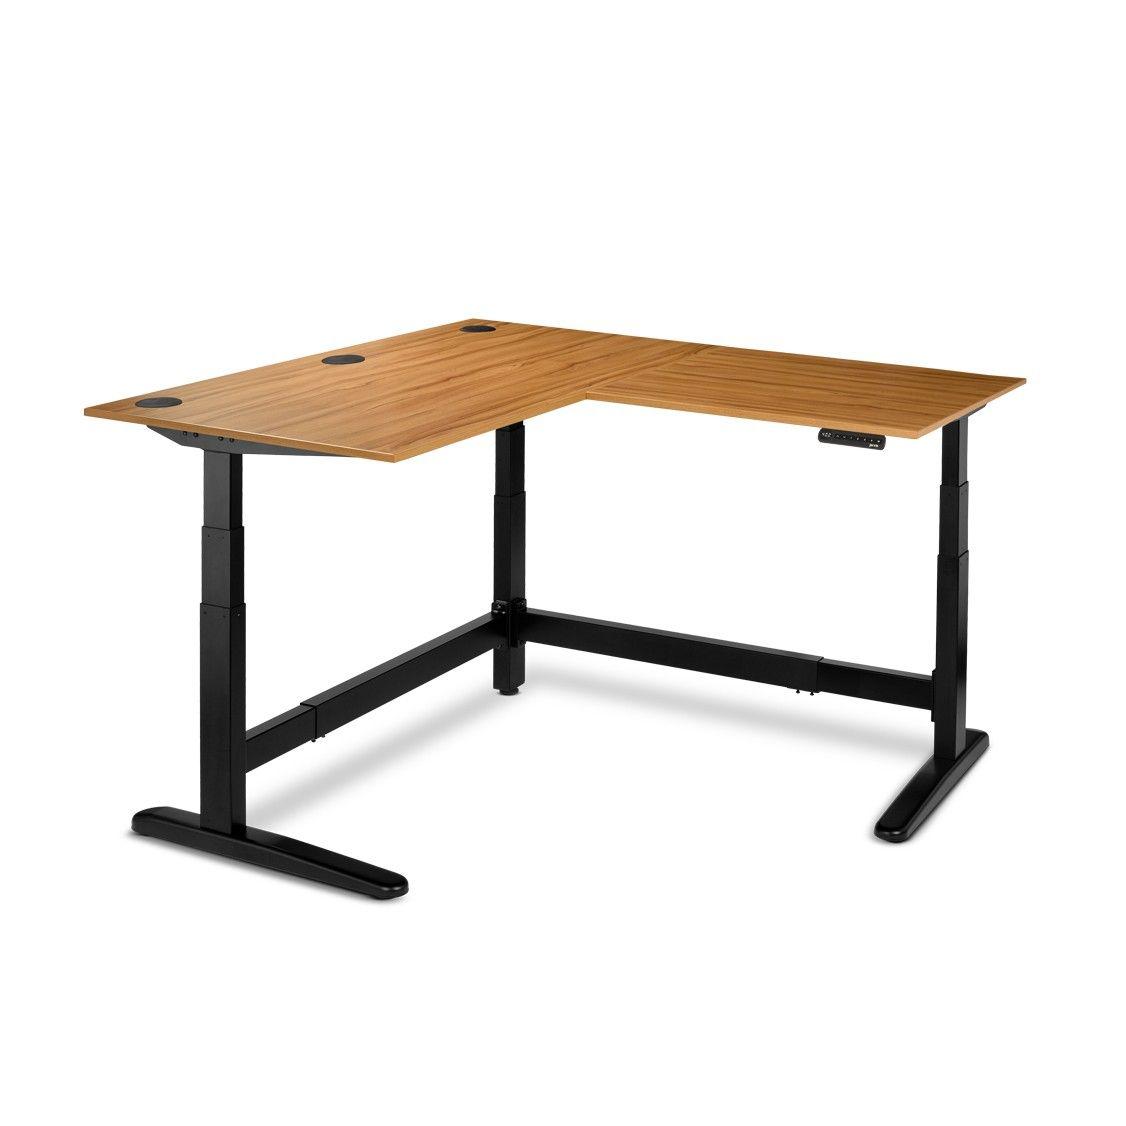 Jarvis3 L Shaped Standing Desk Greenguard Laminate Fully Standing Desk Frame Diy Standing Desk Office Furniture Diy